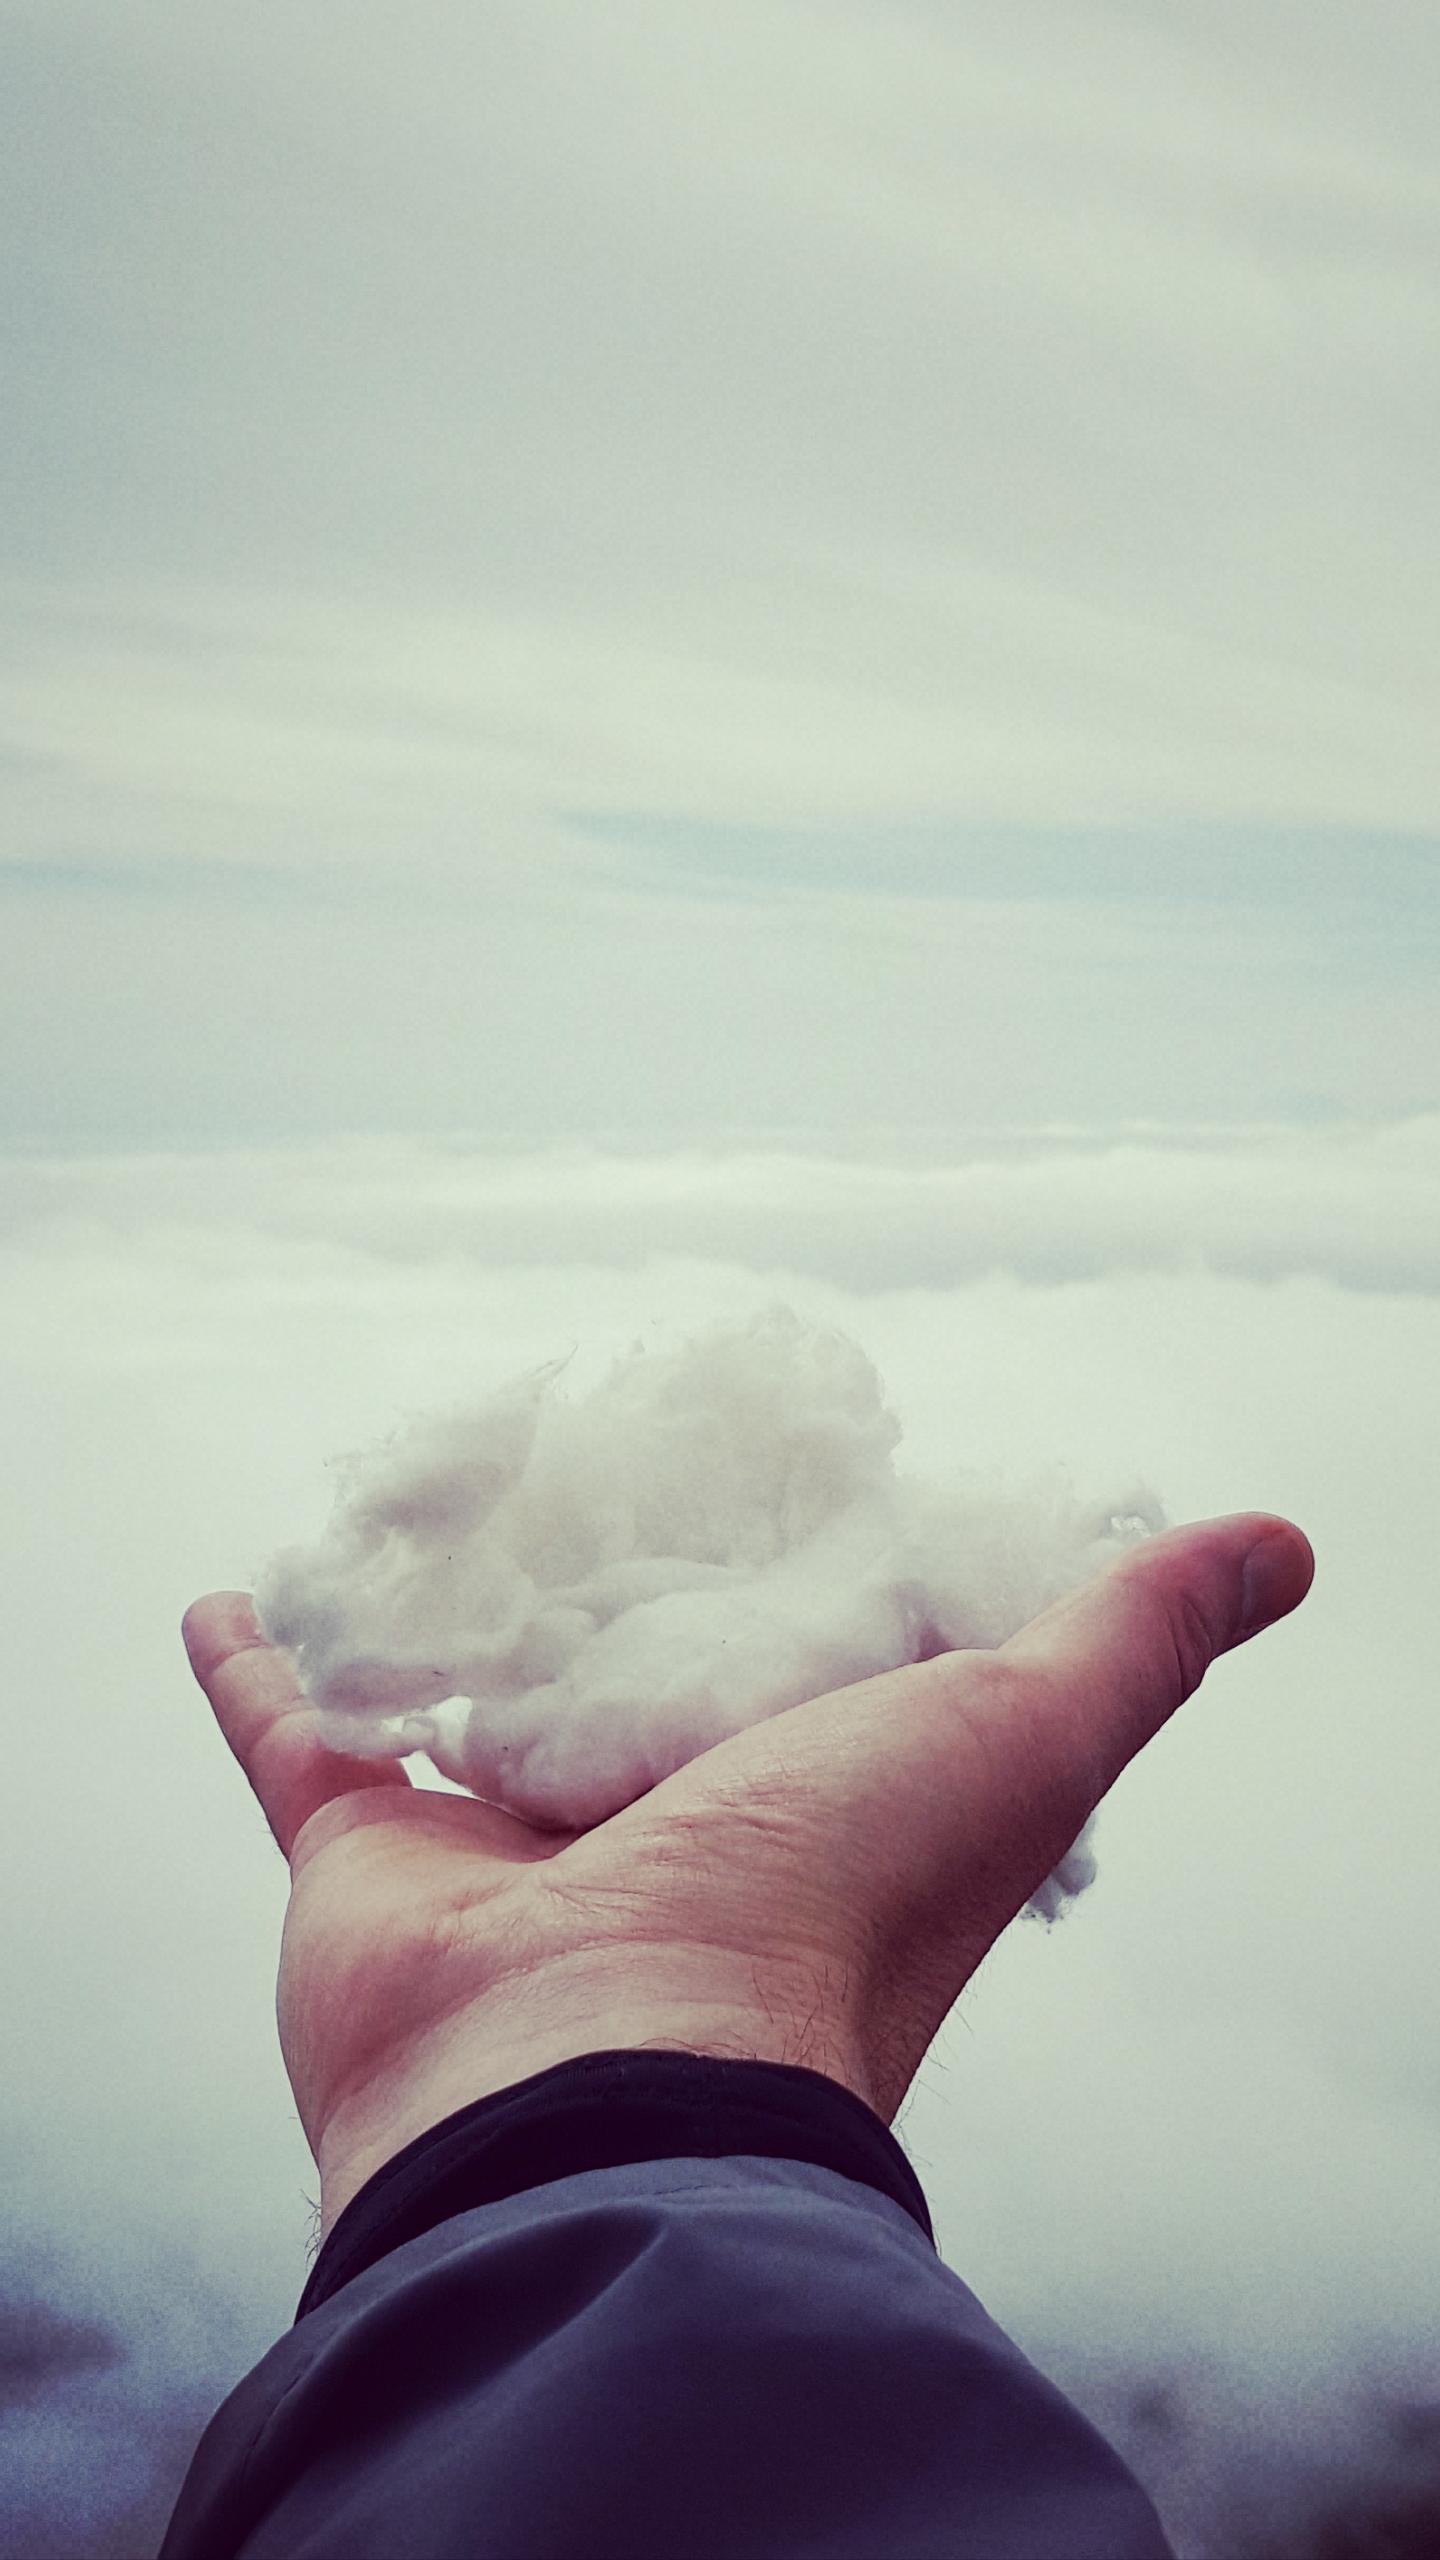 So sieht die Cloud von innen aus